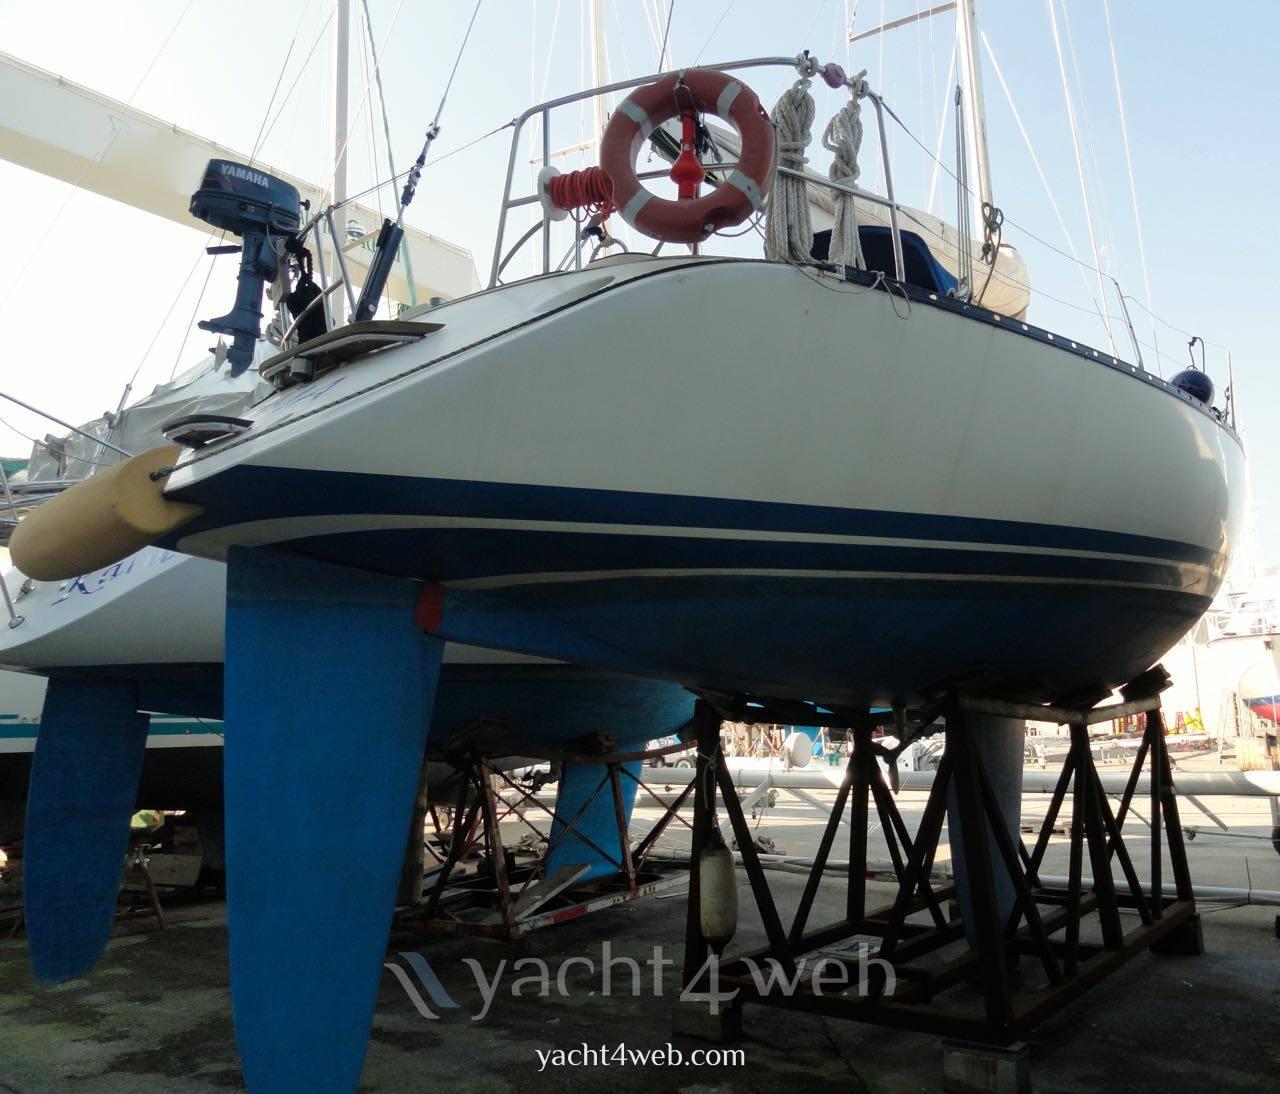 X yacht 402